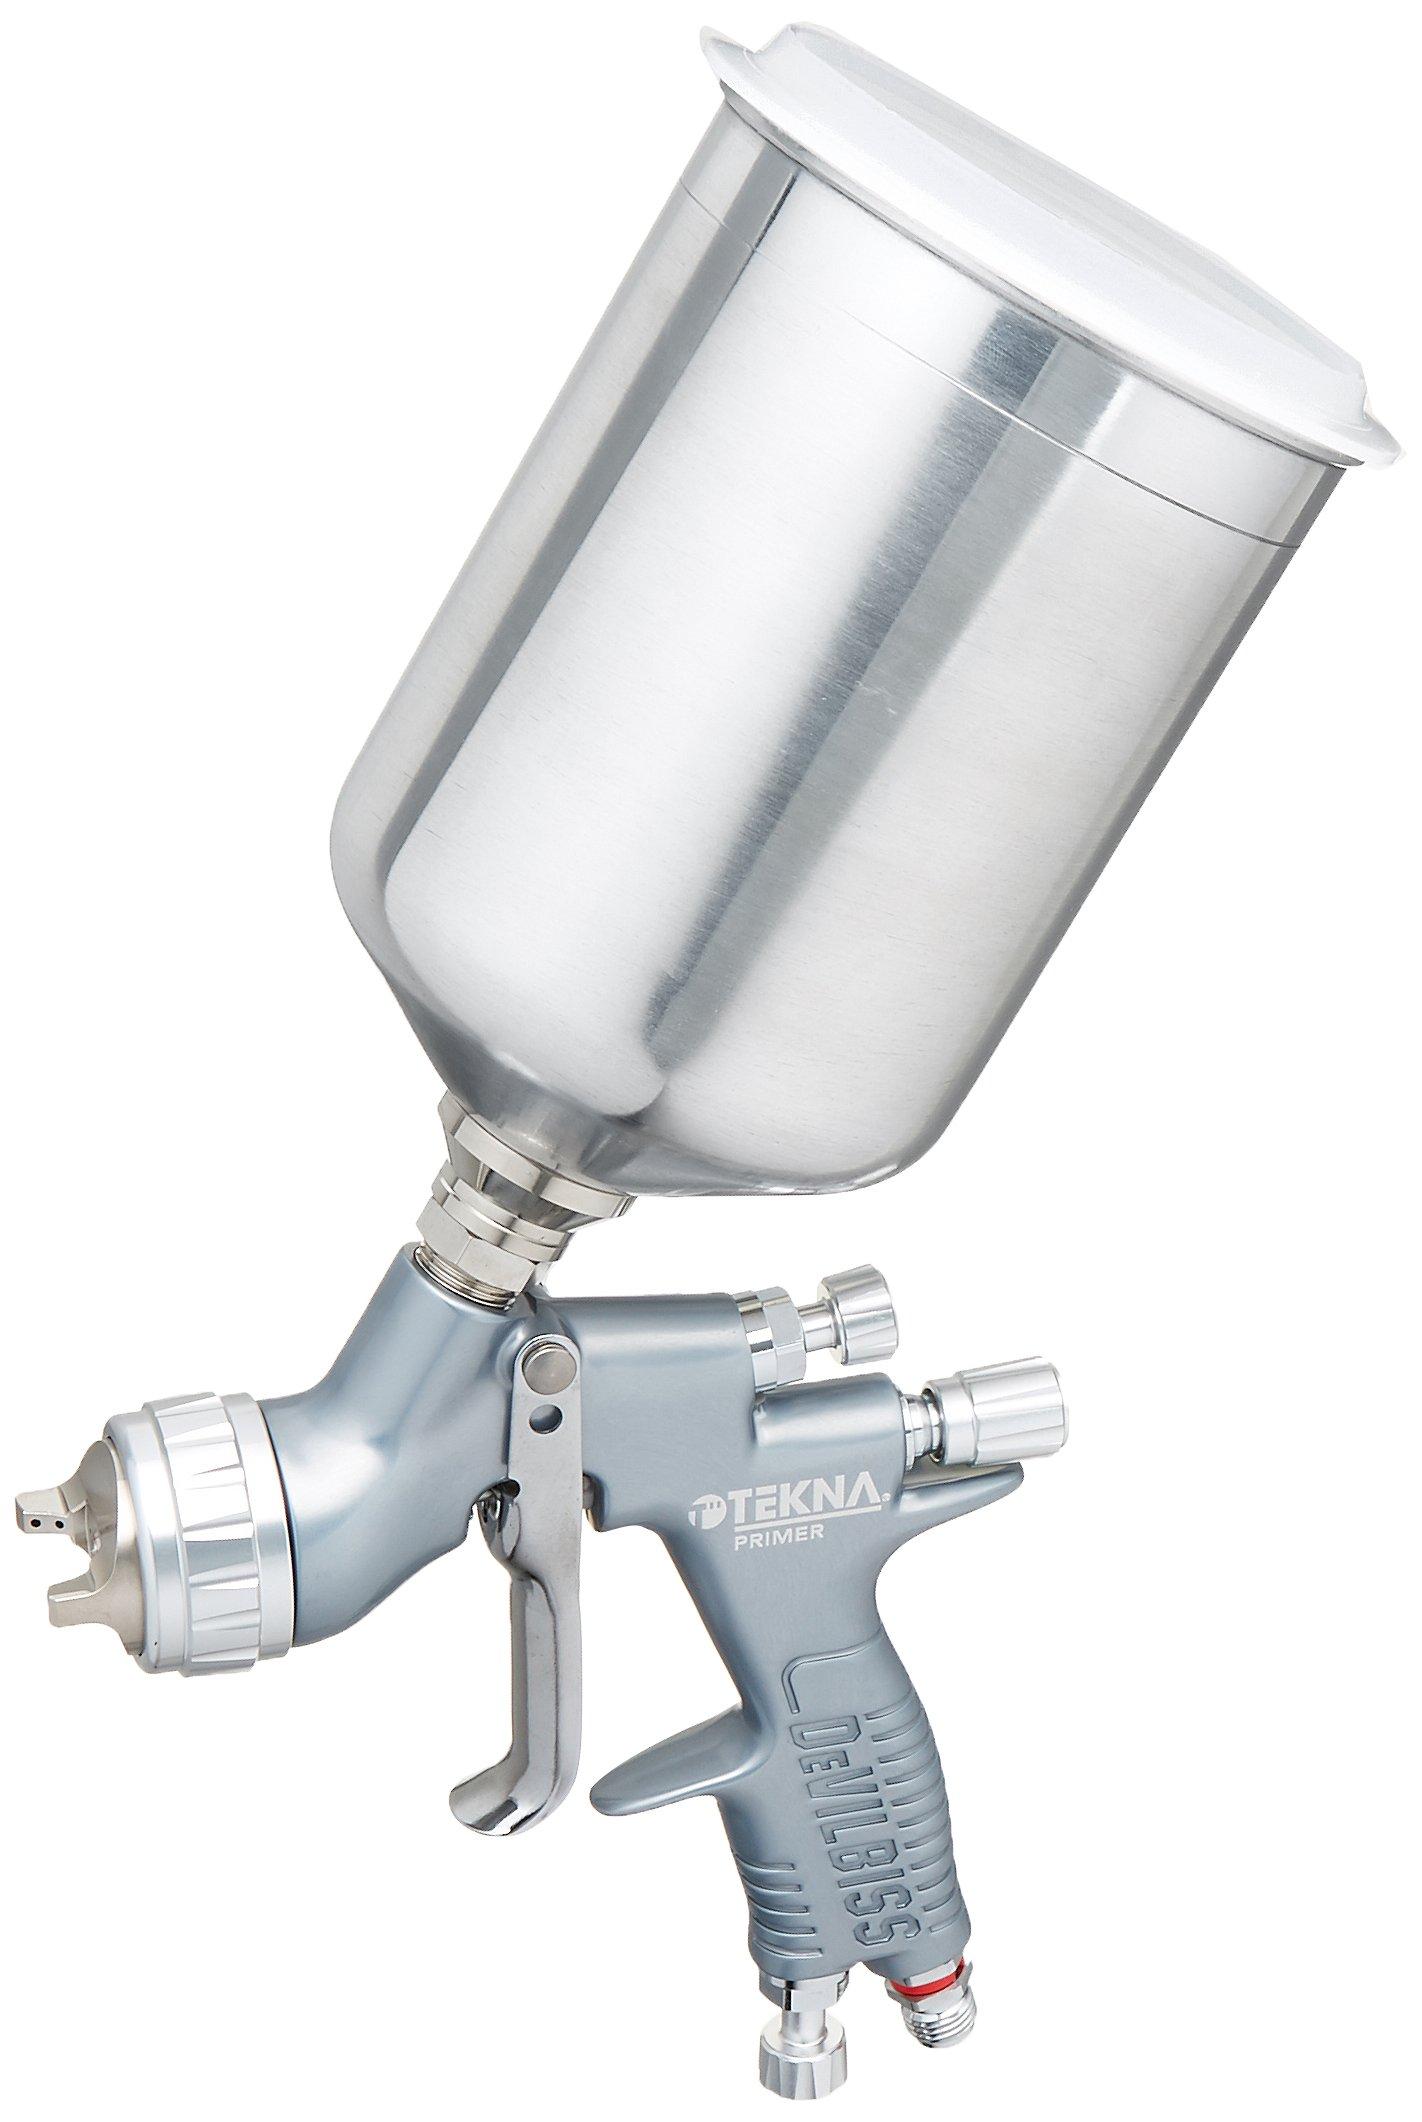 Tekna 704175 Primer Spray Gun (1.8 & 2.0)